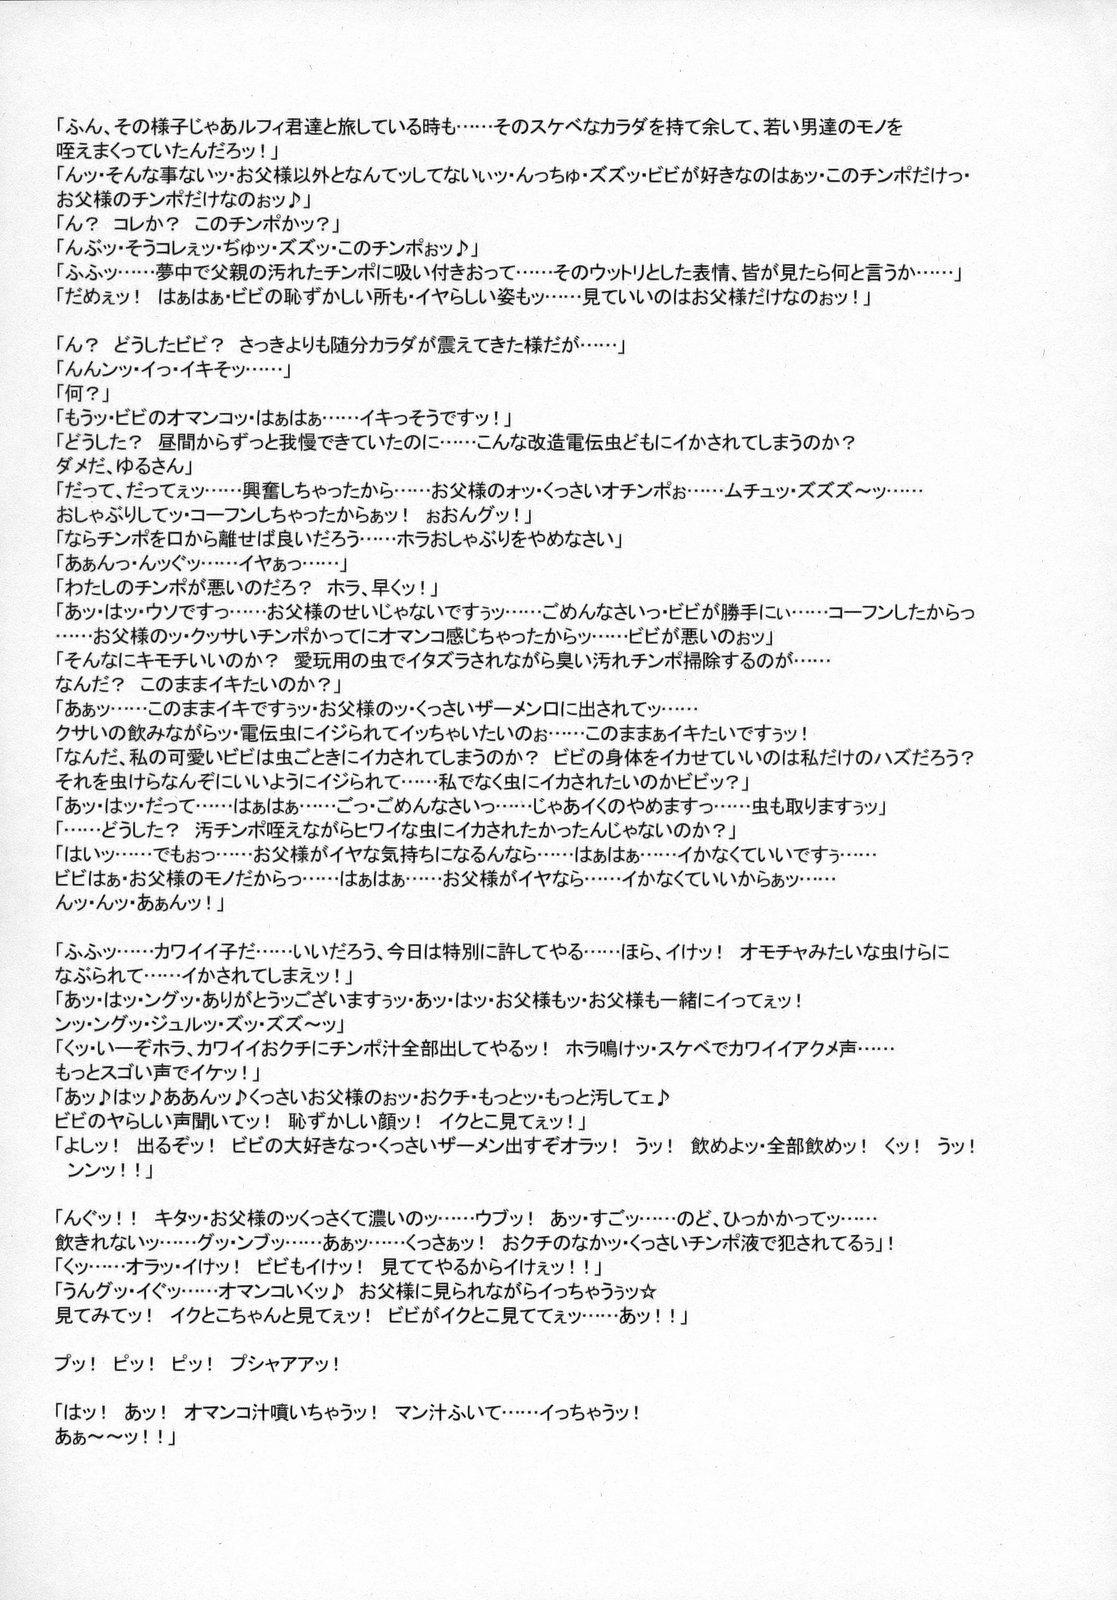 Nippon Practice 2 29